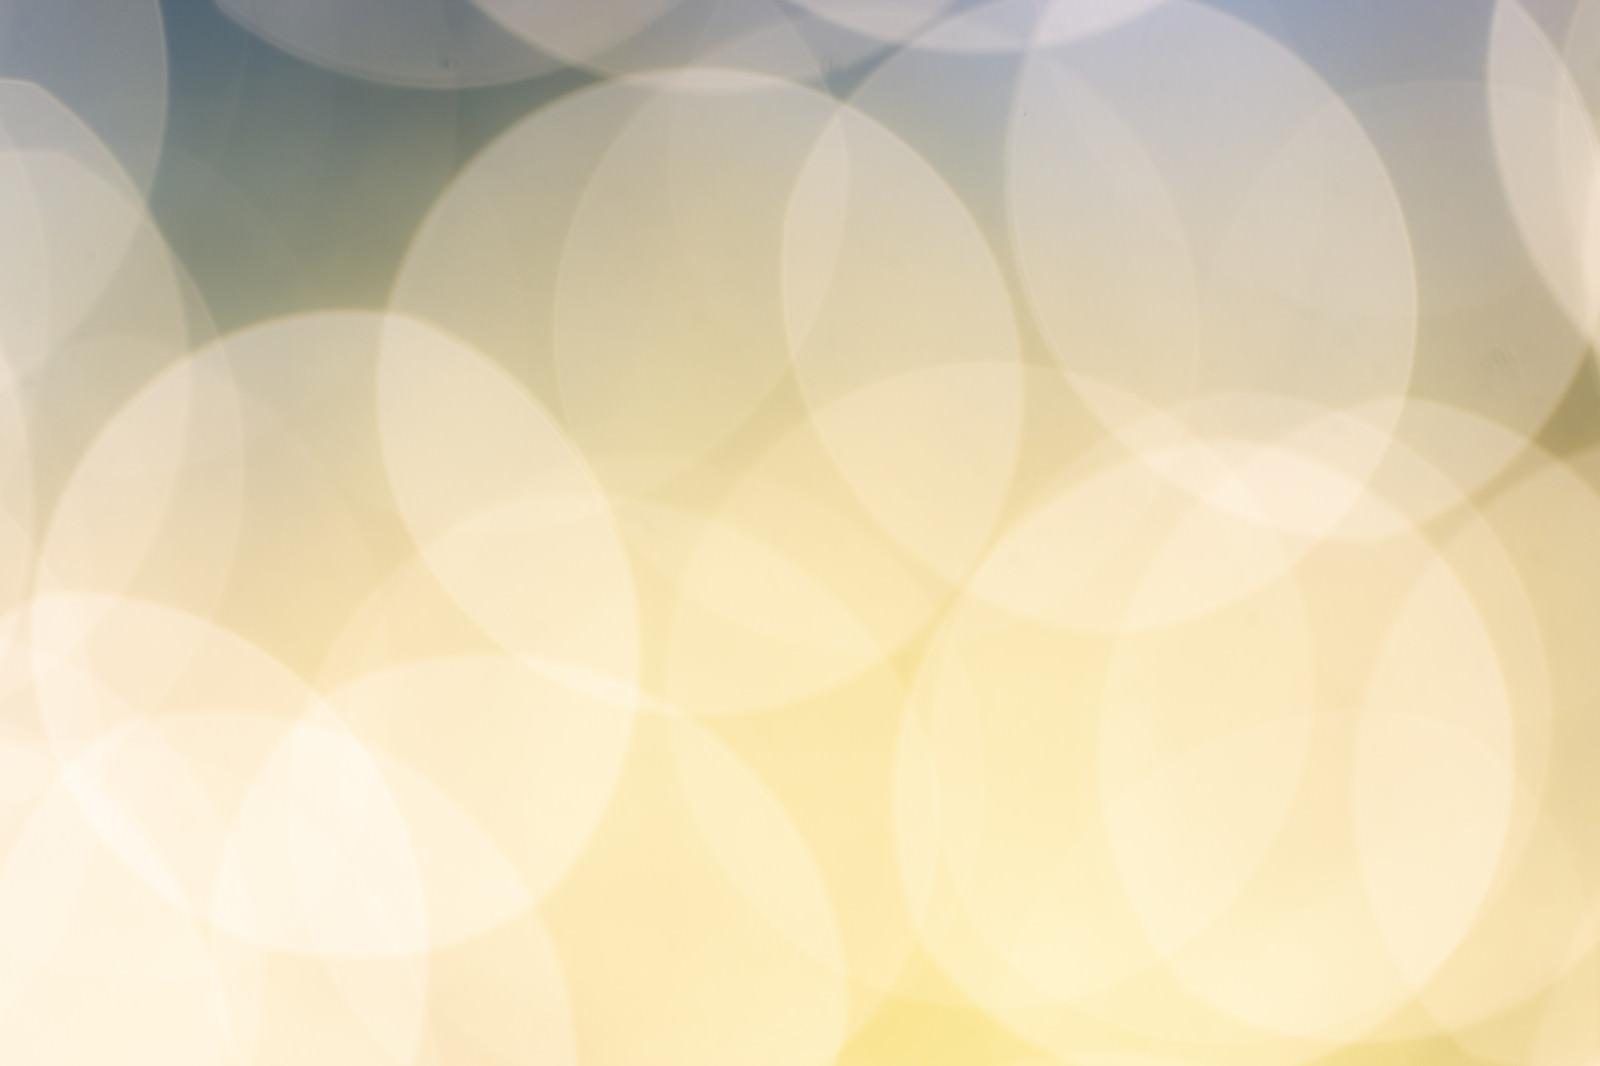 「光があつまる(テクスチャ)」の写真